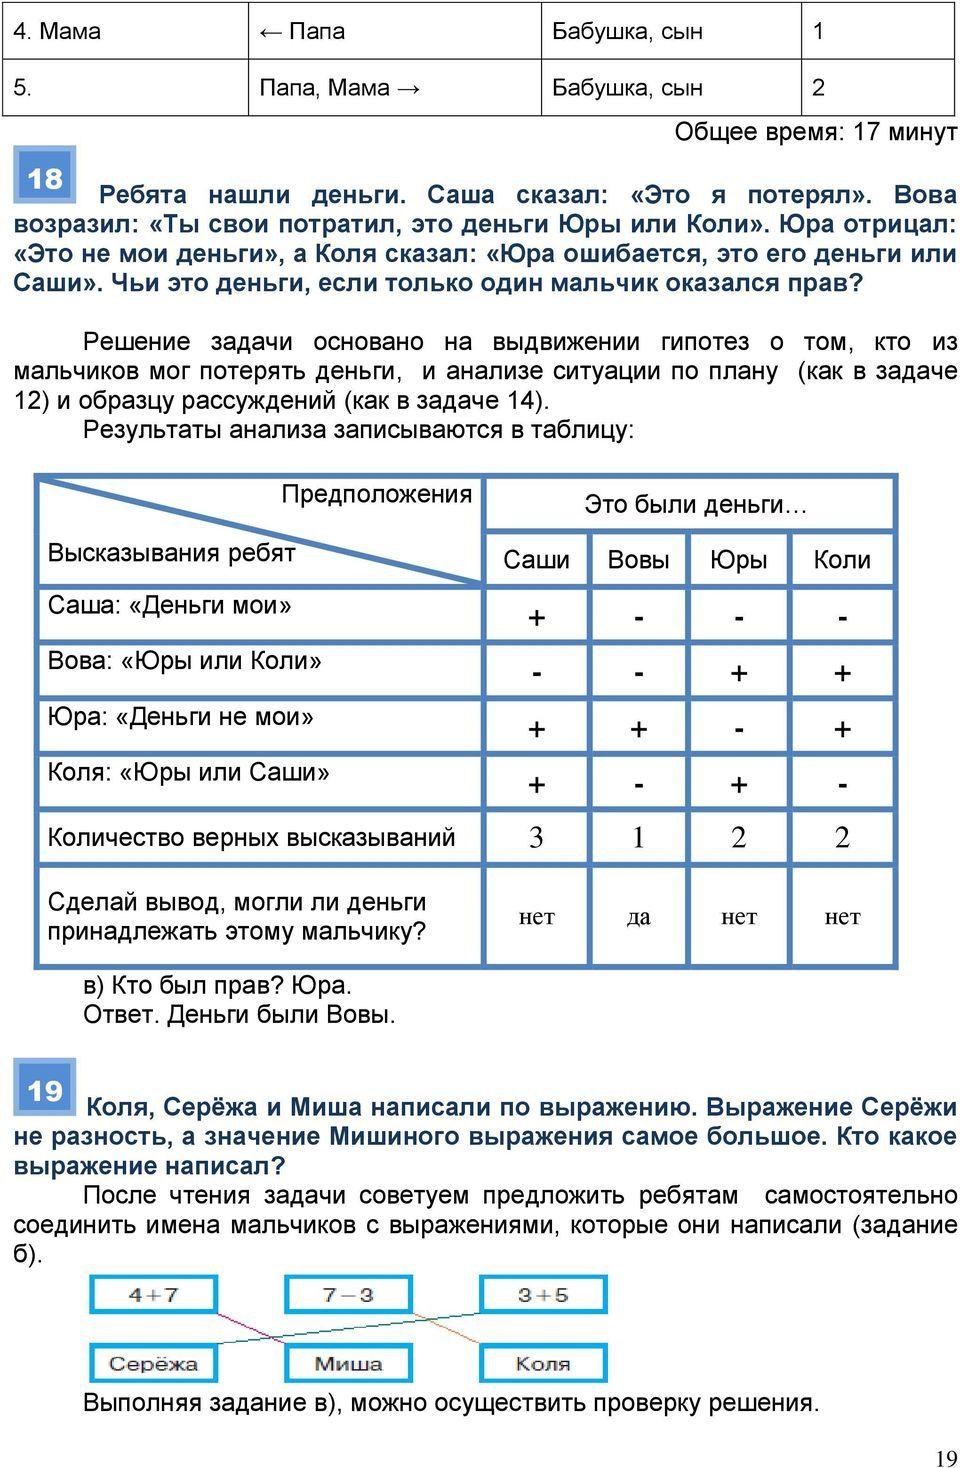 Готовые задания по русскому языку 5 класс панова